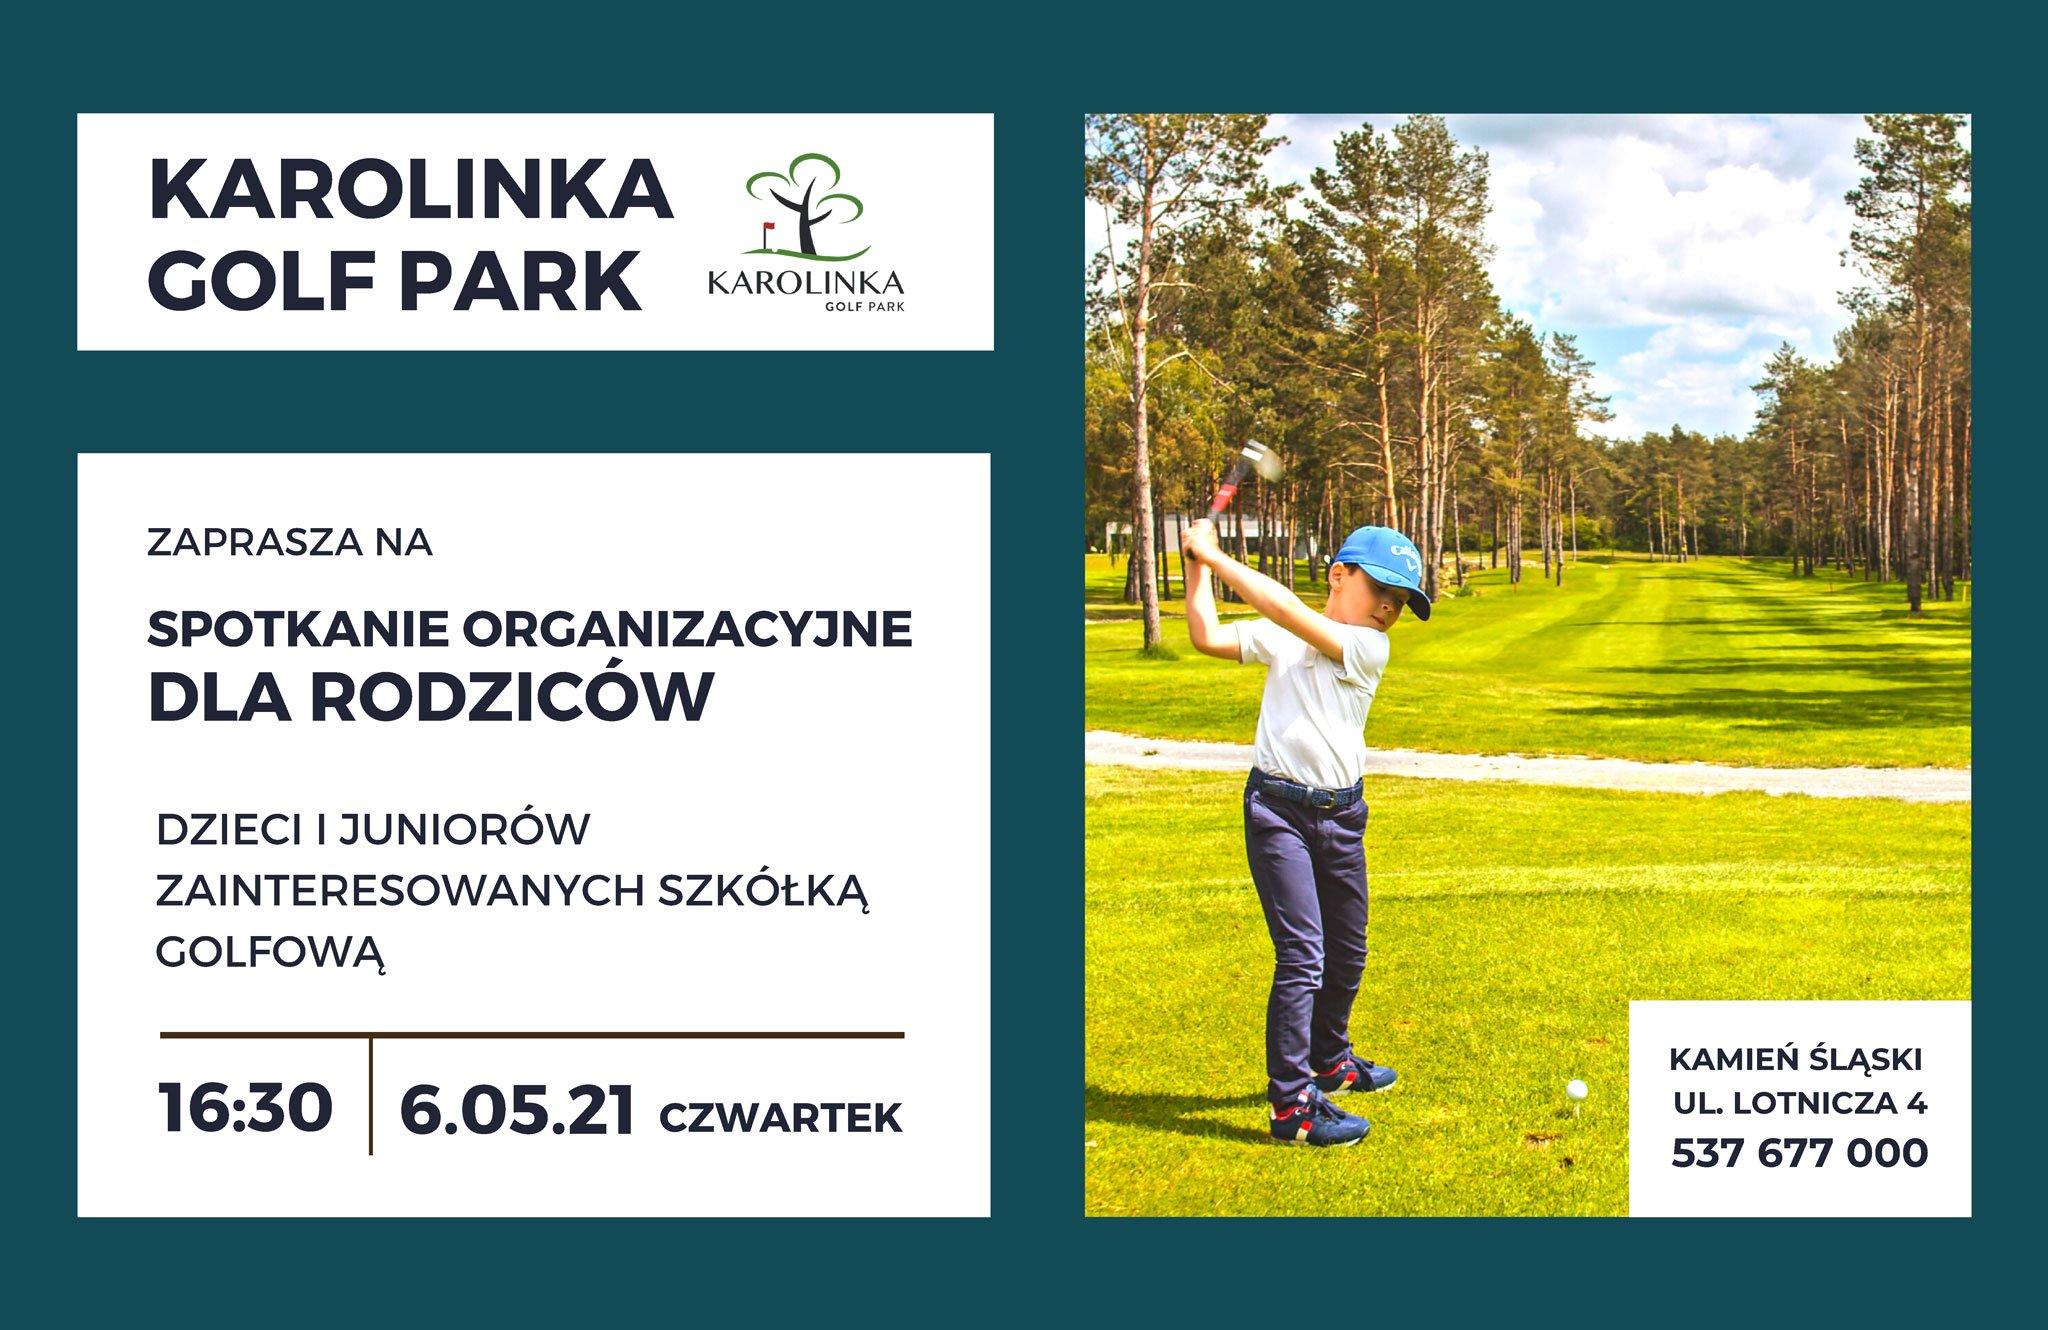 Spotkanie organizacyjne - szkółka golfowa